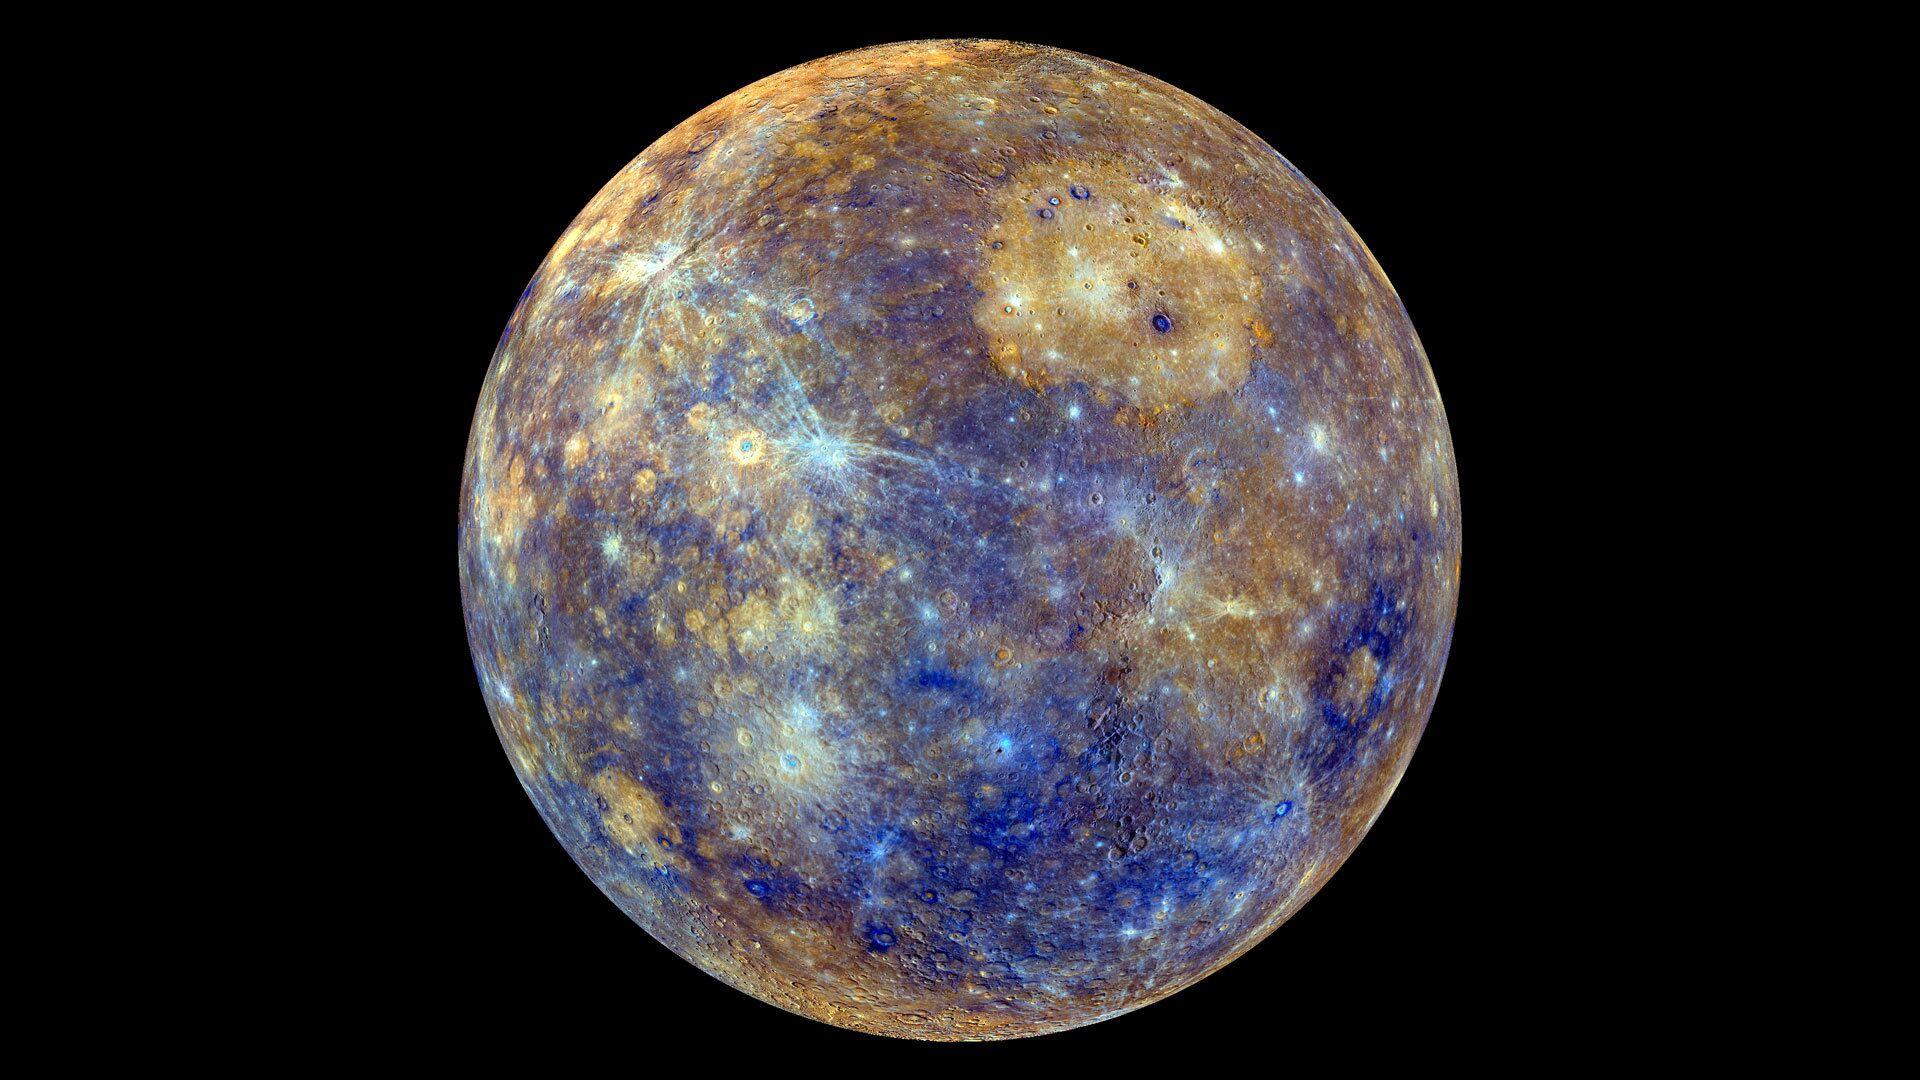 Снимок Меркурия в искусственных цветах, отражающих минералогические и химические свойства приповерхностного грунта - РИА Новости, 1920, 28.09.2021